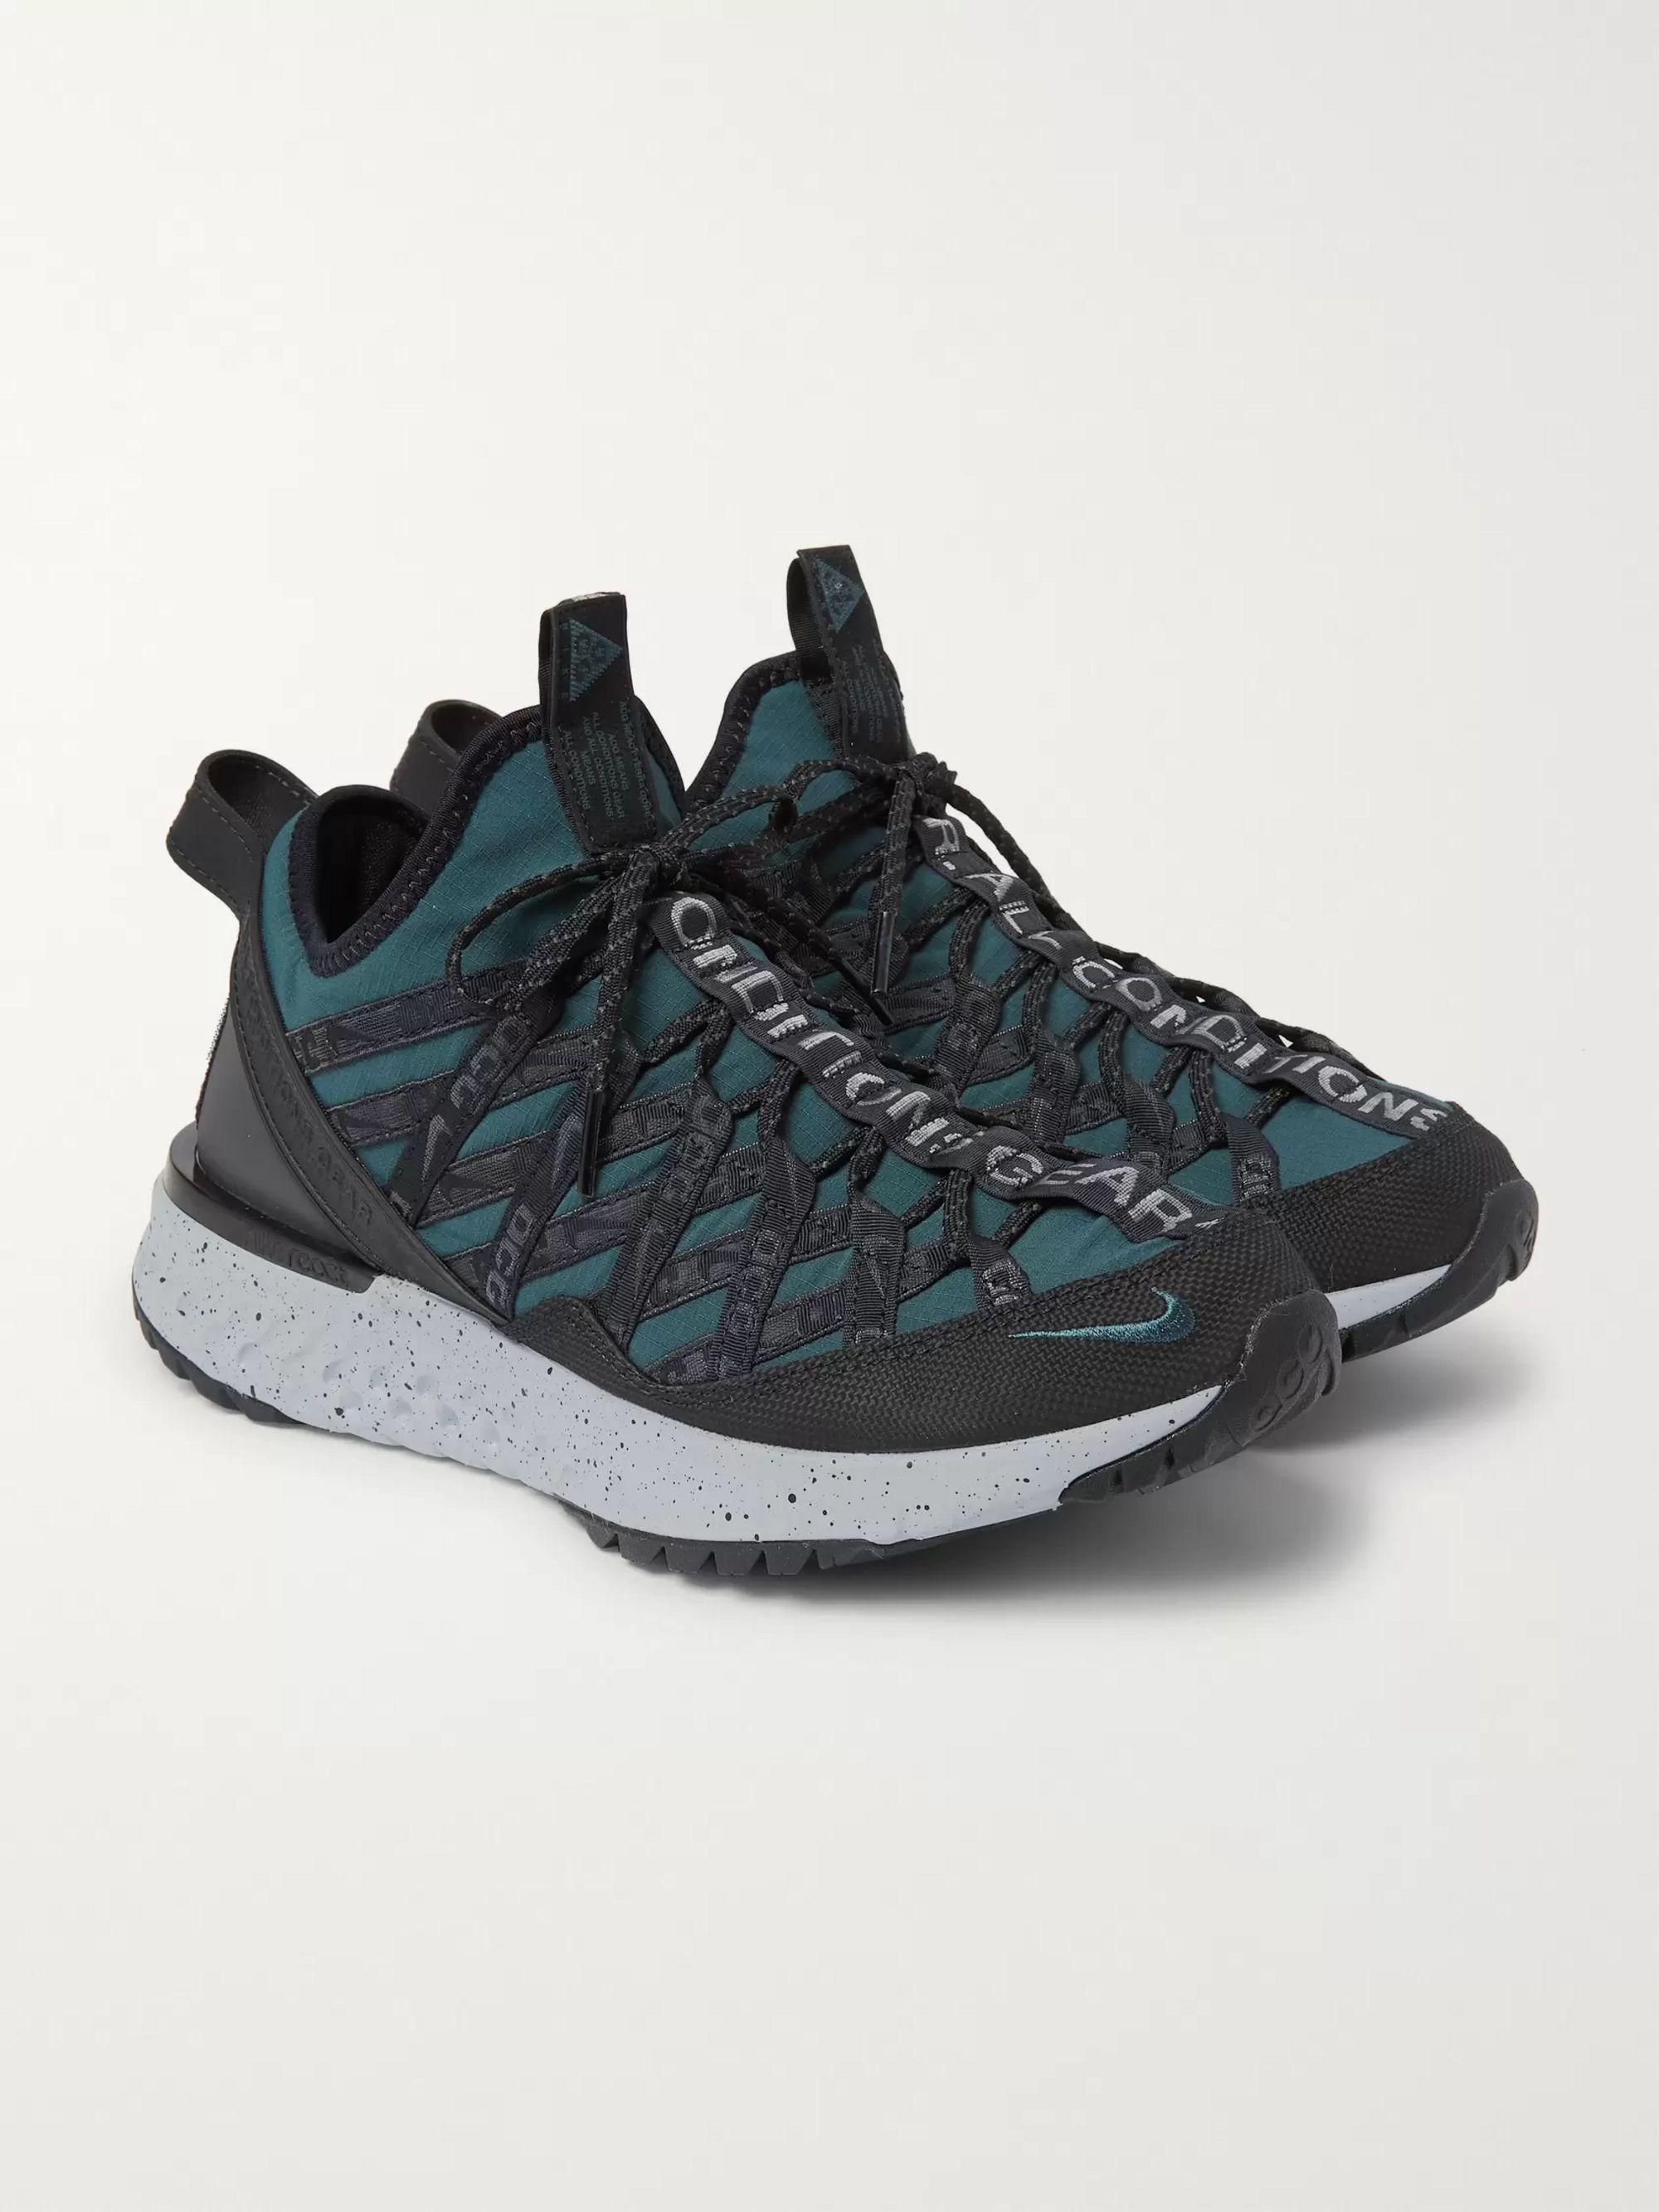 NIKE Sportswear | Sneakers & Clothing | MR PORTER